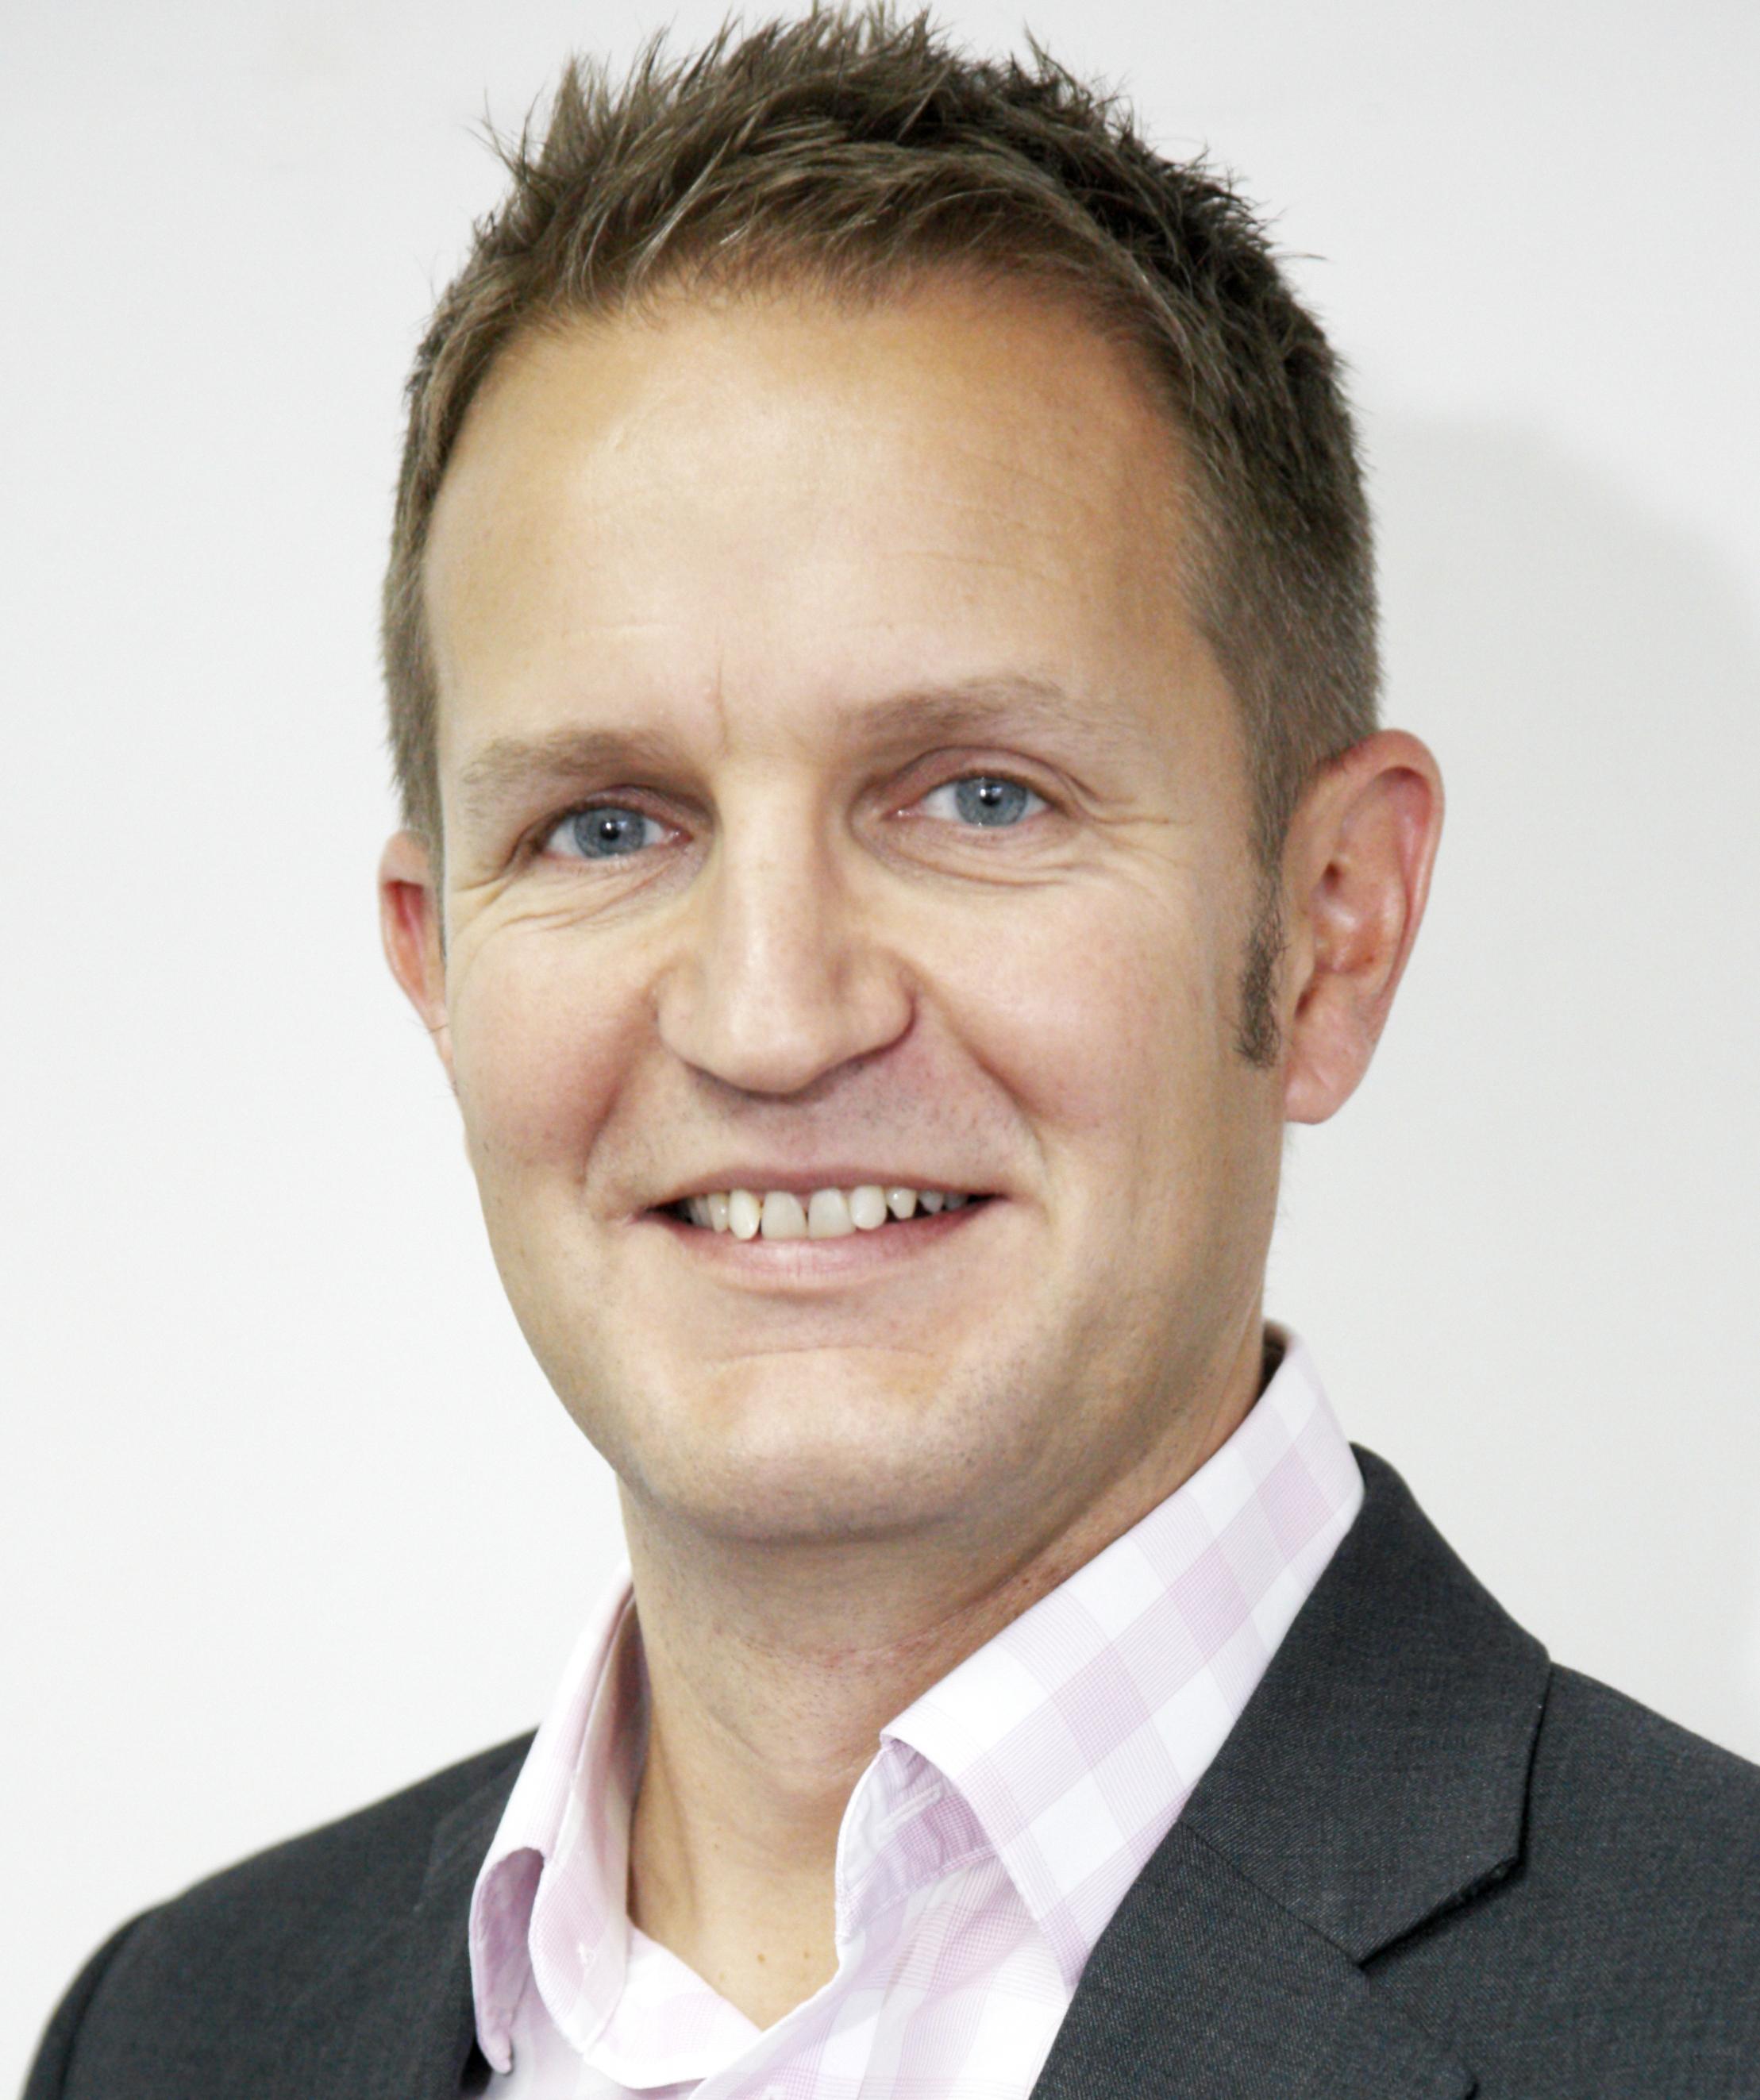 Neil Rossiter